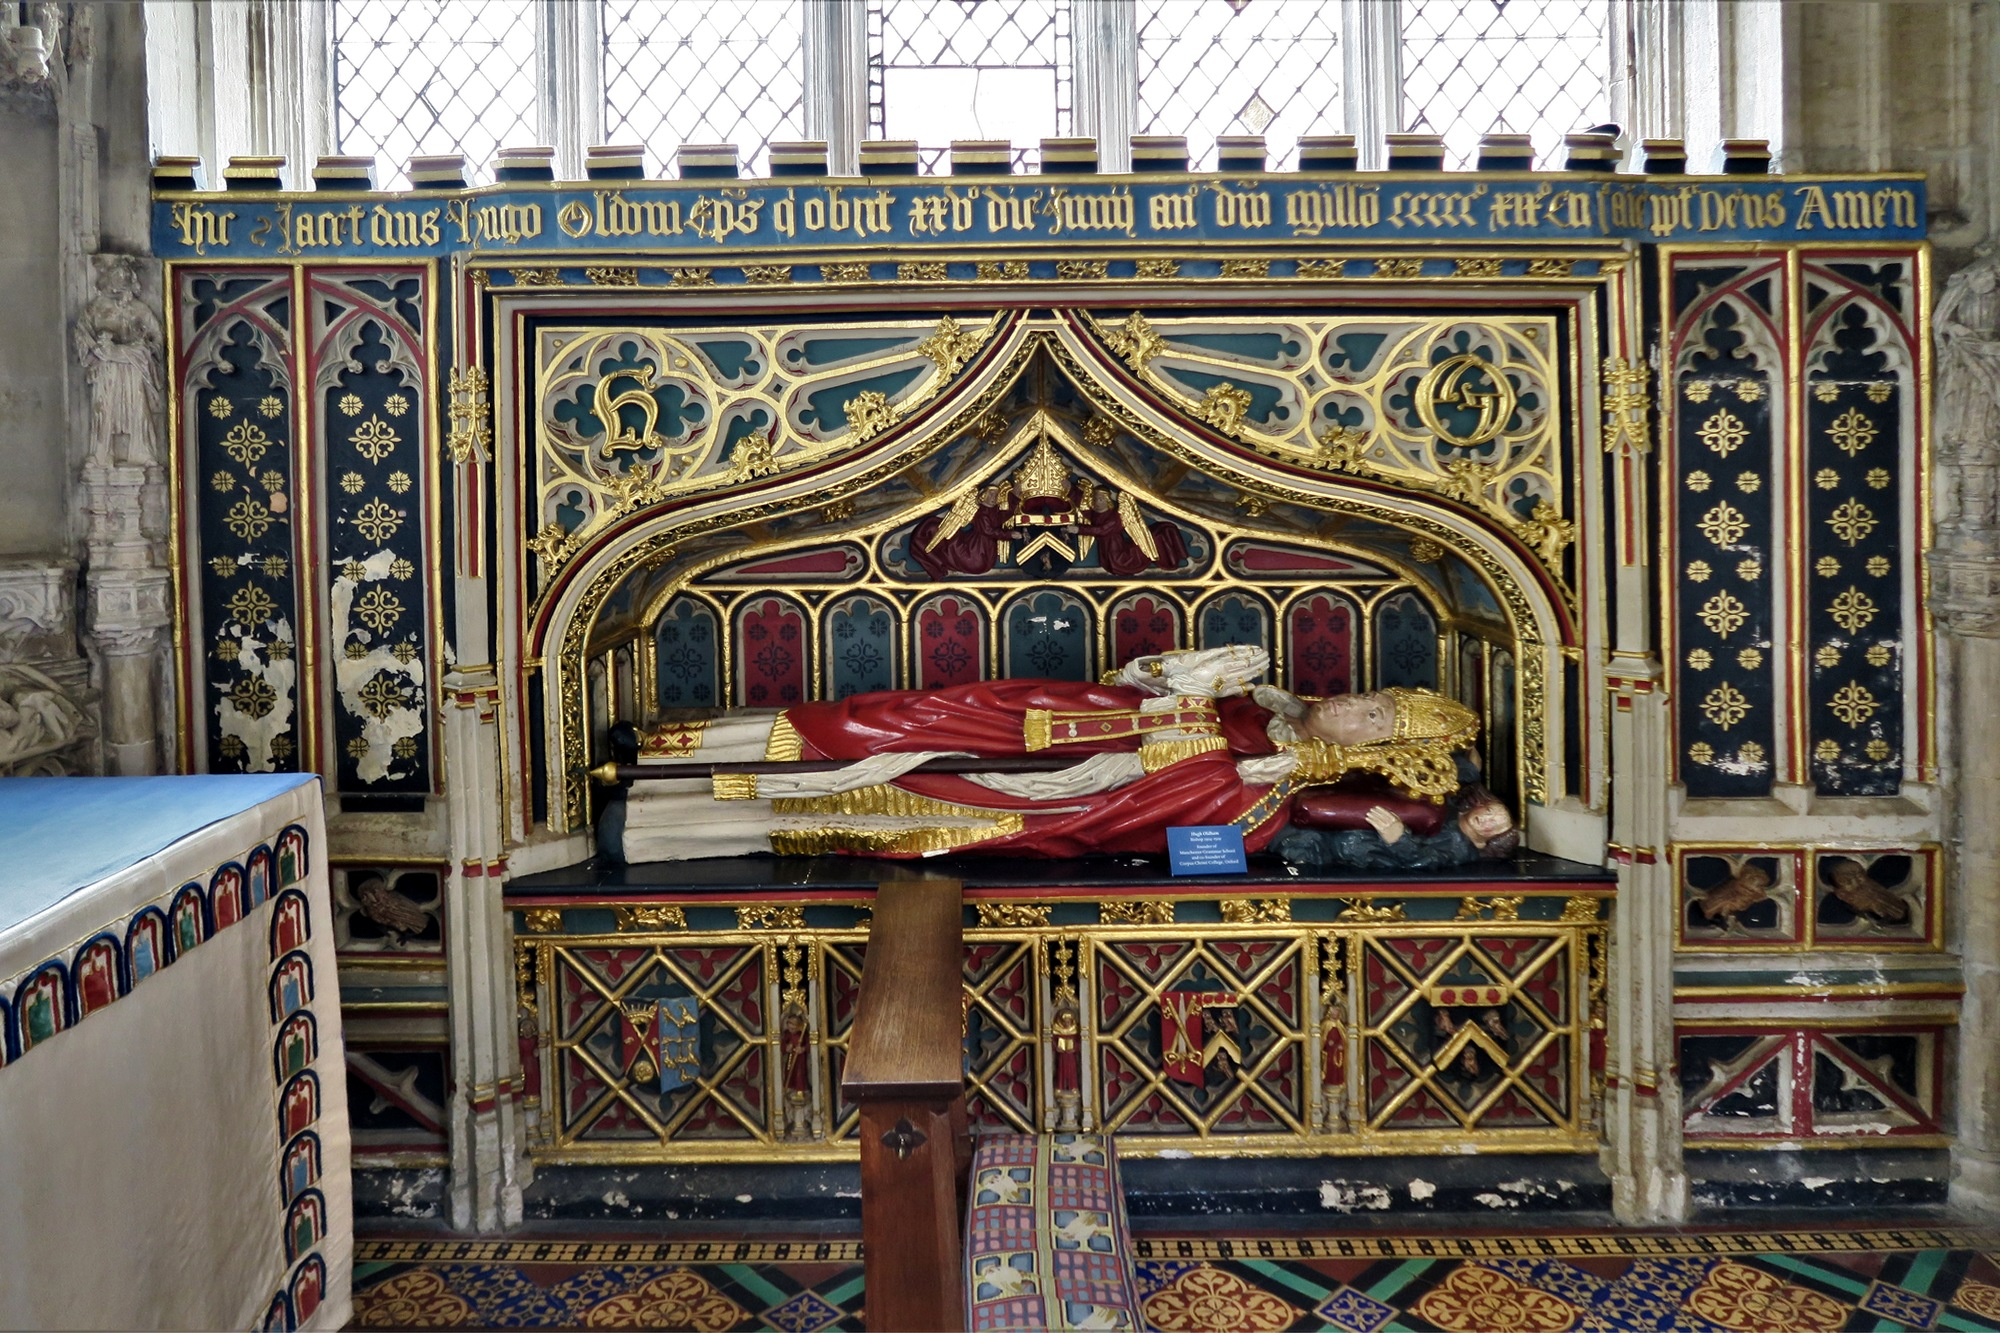 EXETER. Cathédrale. Tombeau de l'évêque  Hugh OLDHAM , Evêque d'EXETER de 1504 à sa mort en 1519. Son emblème, le hibou, est gravé sur les murs et le plafond.